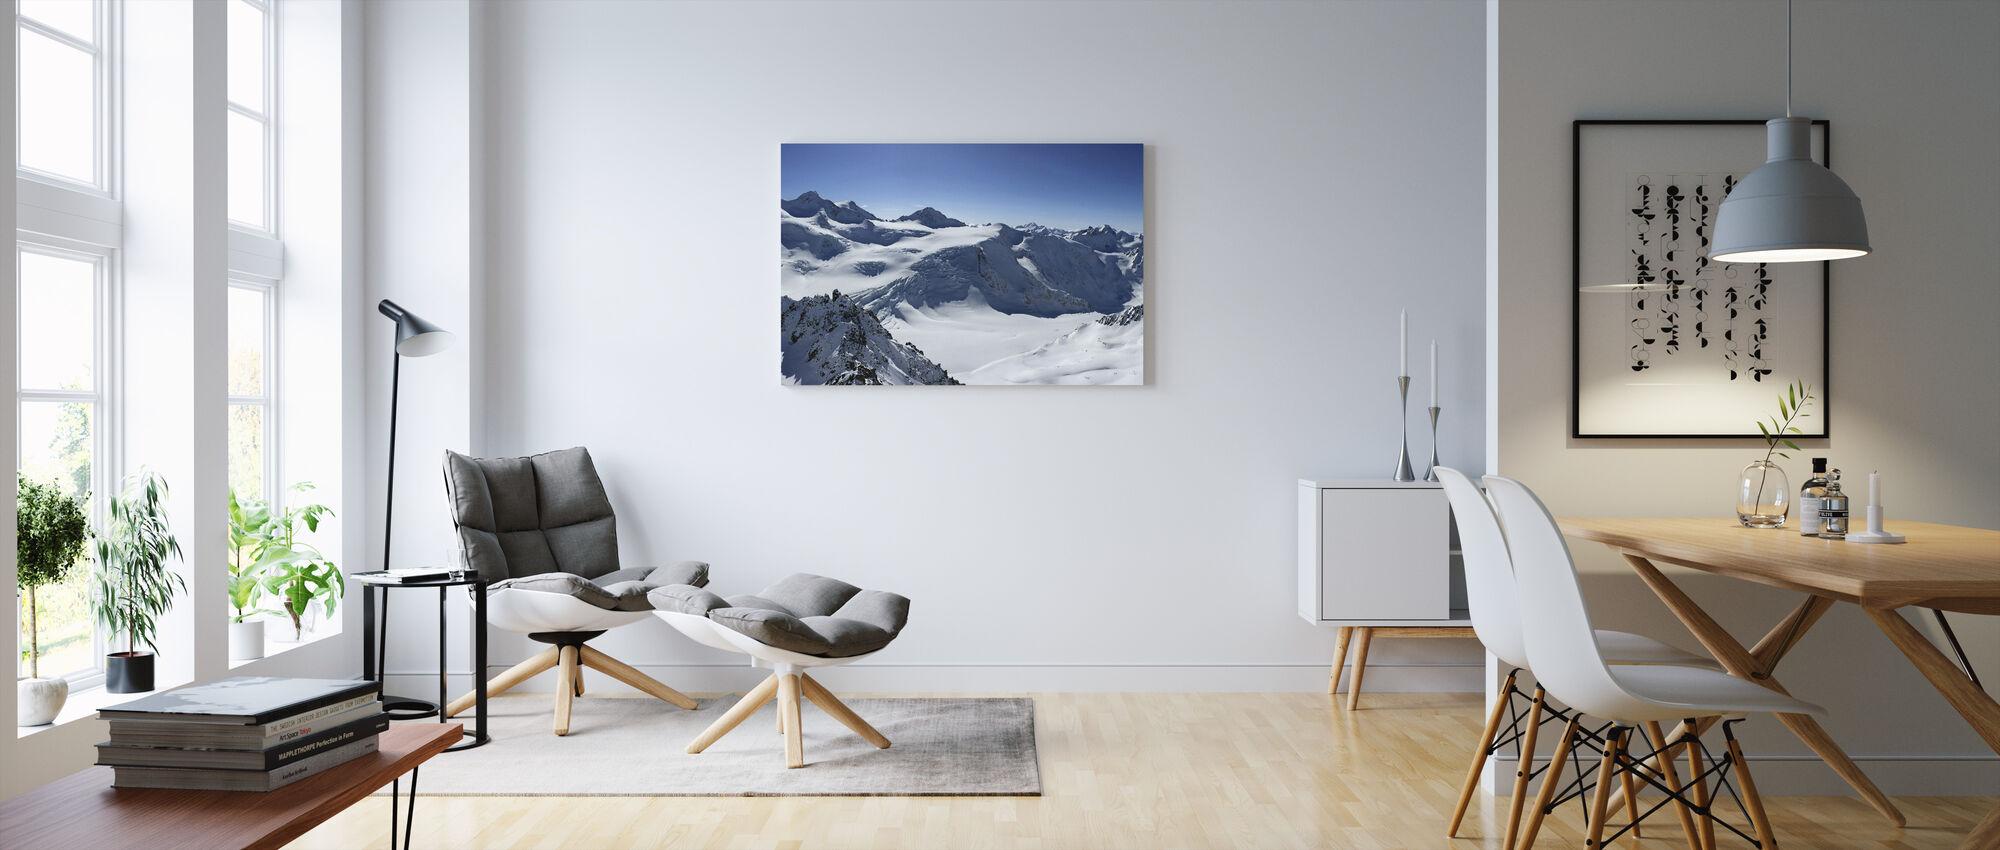 Vuoristo-huippukokous - Canvastaulu - Olohuone